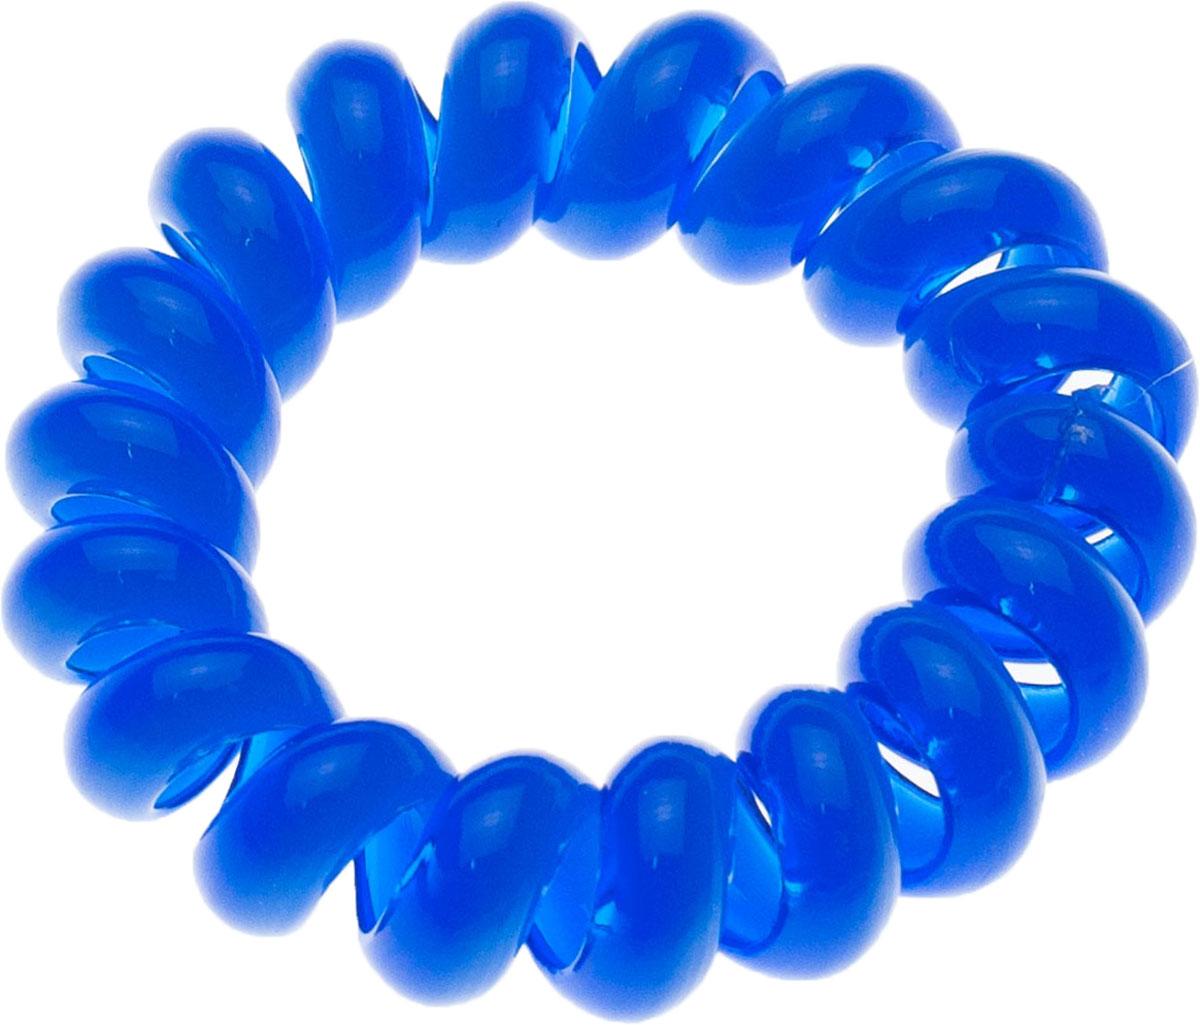 Резинка для волос Мастерская Крутовых, цвет: синий. РПВ-291 резинки city flash резинка для волос